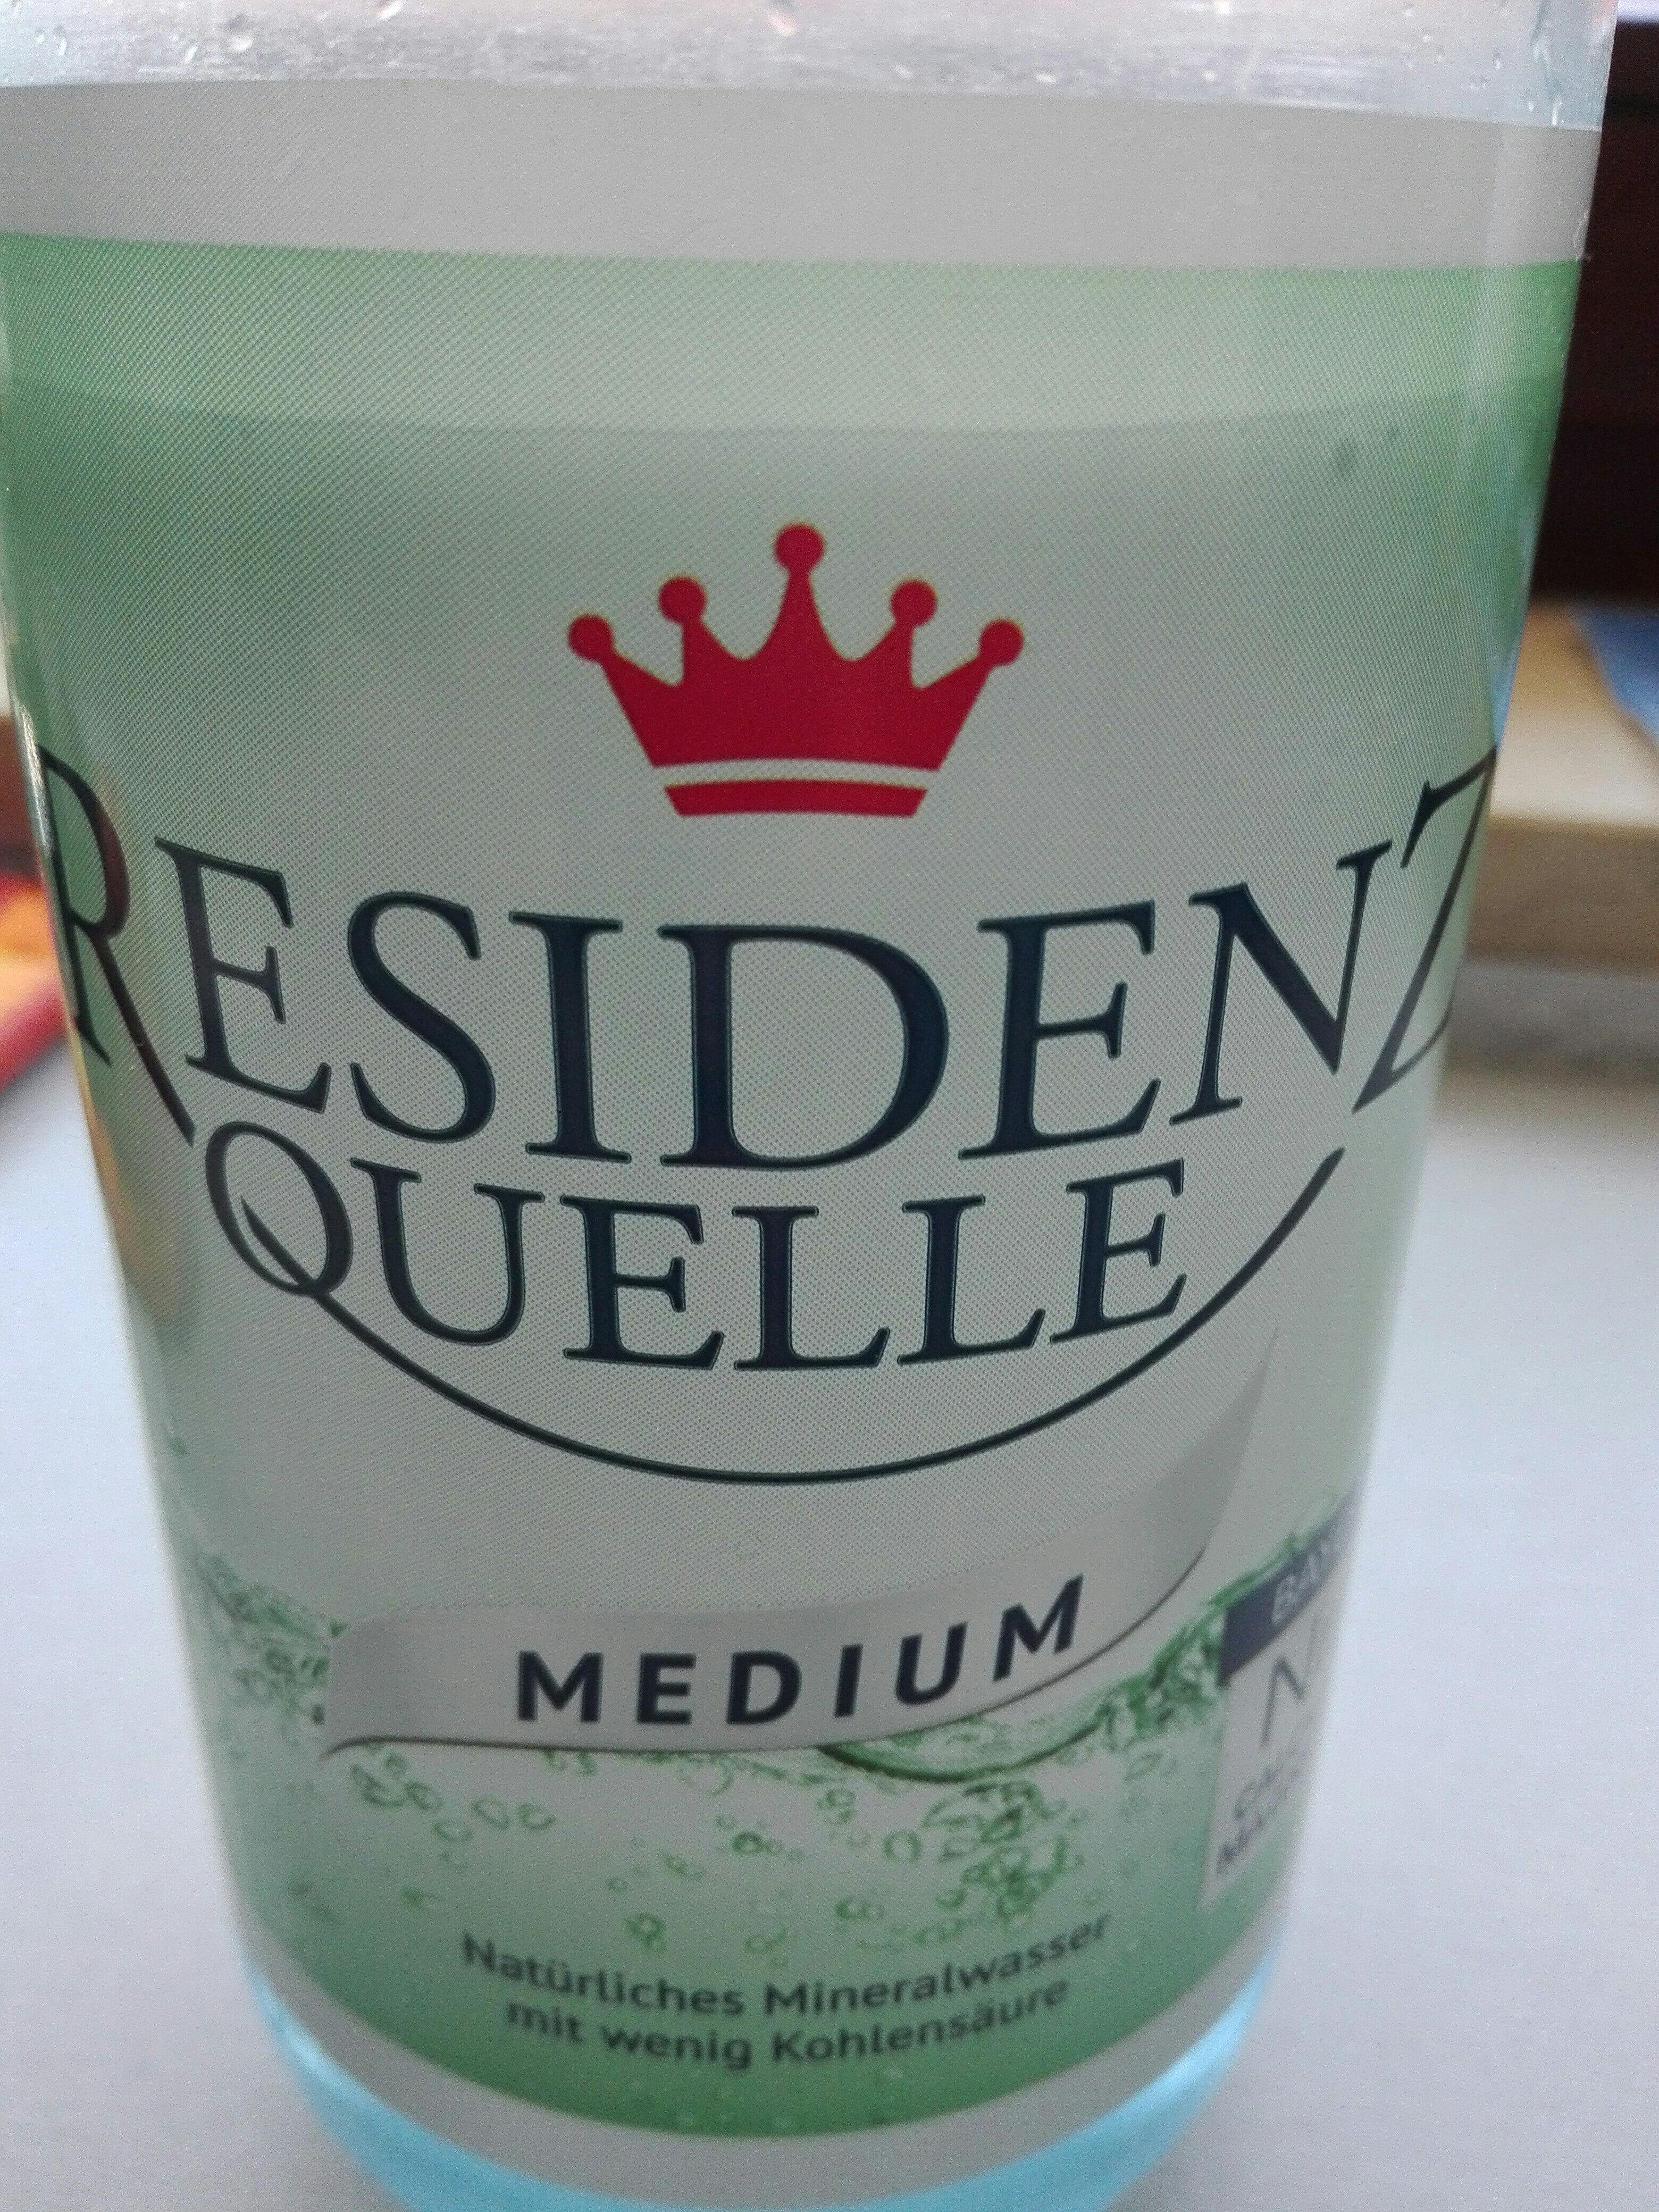 Residenz Quelle Medium - Produkt - de